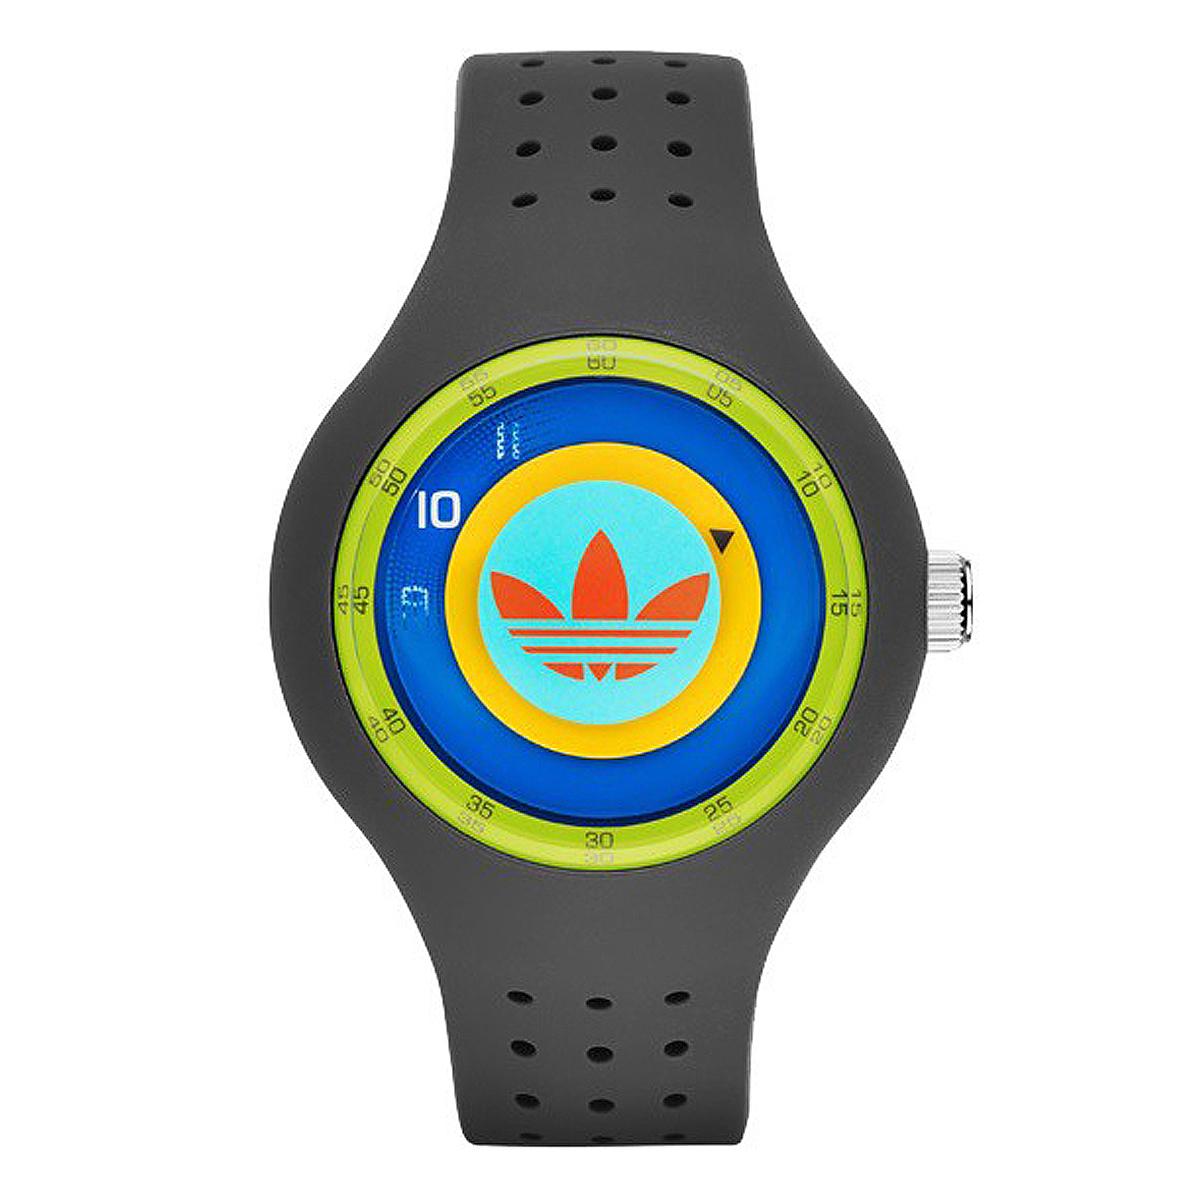 นาฬิกาผู้ชาย Adidas รุ่น ADH3057